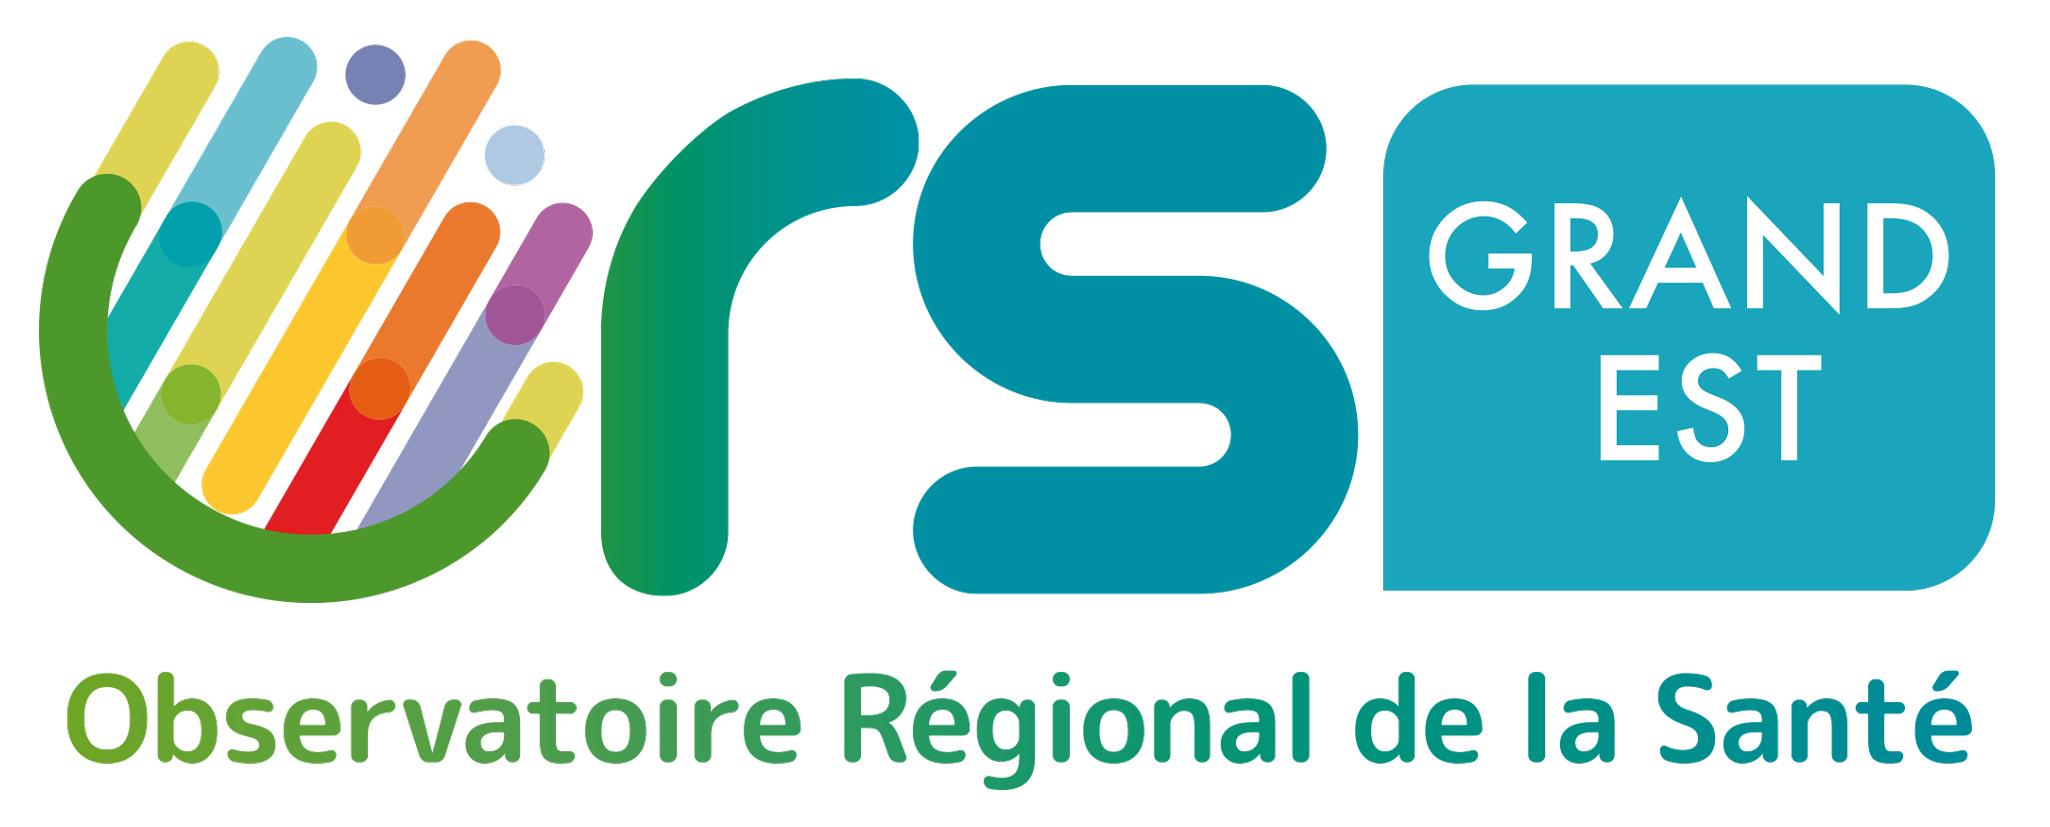 Observatoire Régional de la Santé Grand Est logo